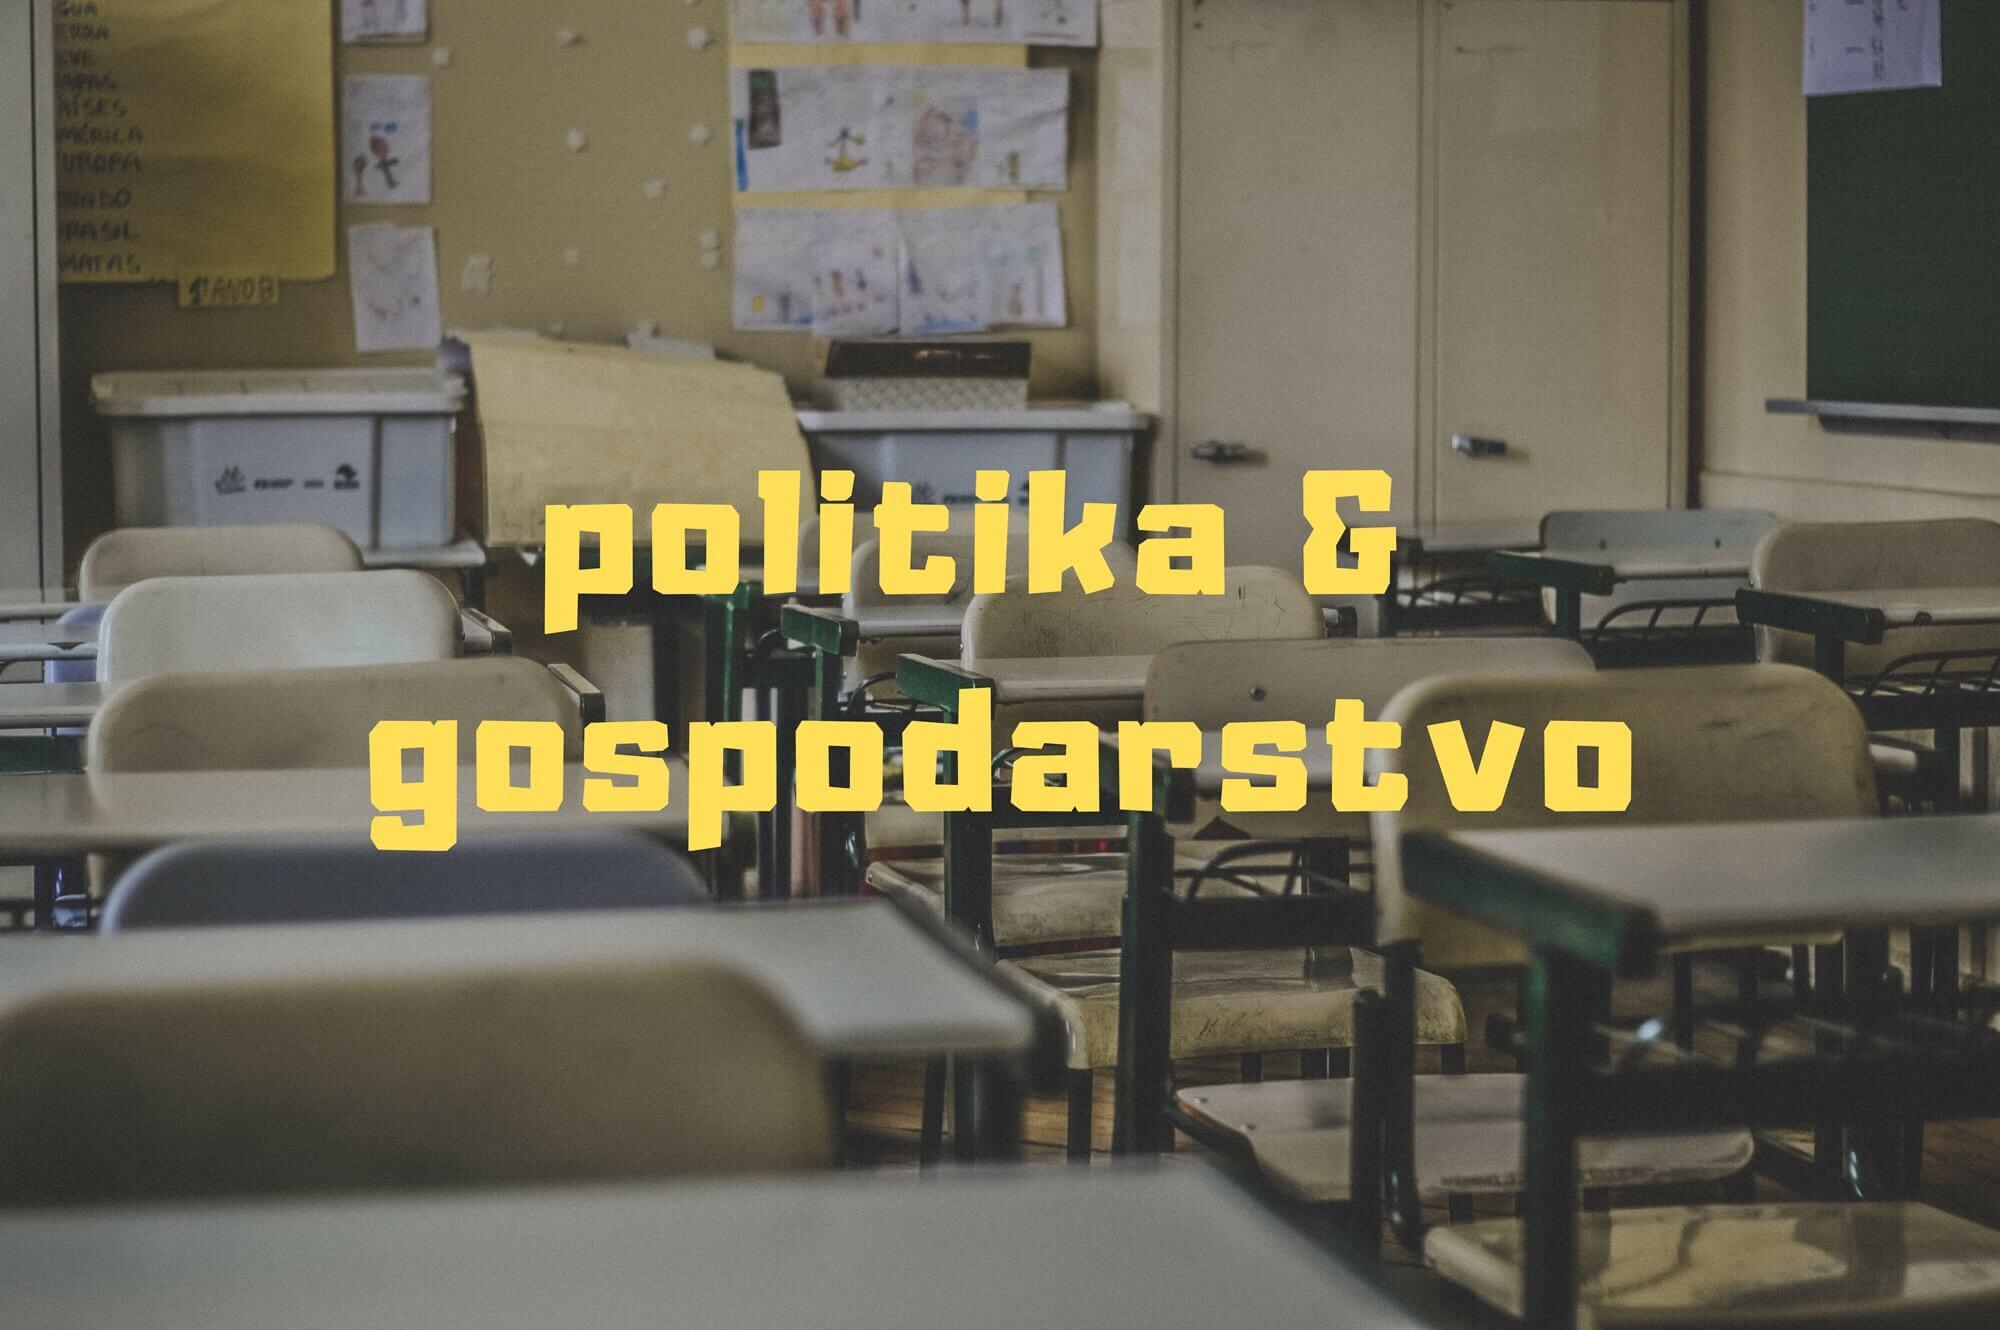 [Politika i gospodarstvo] U razredu se pojavio gradonačelnik Vukovara